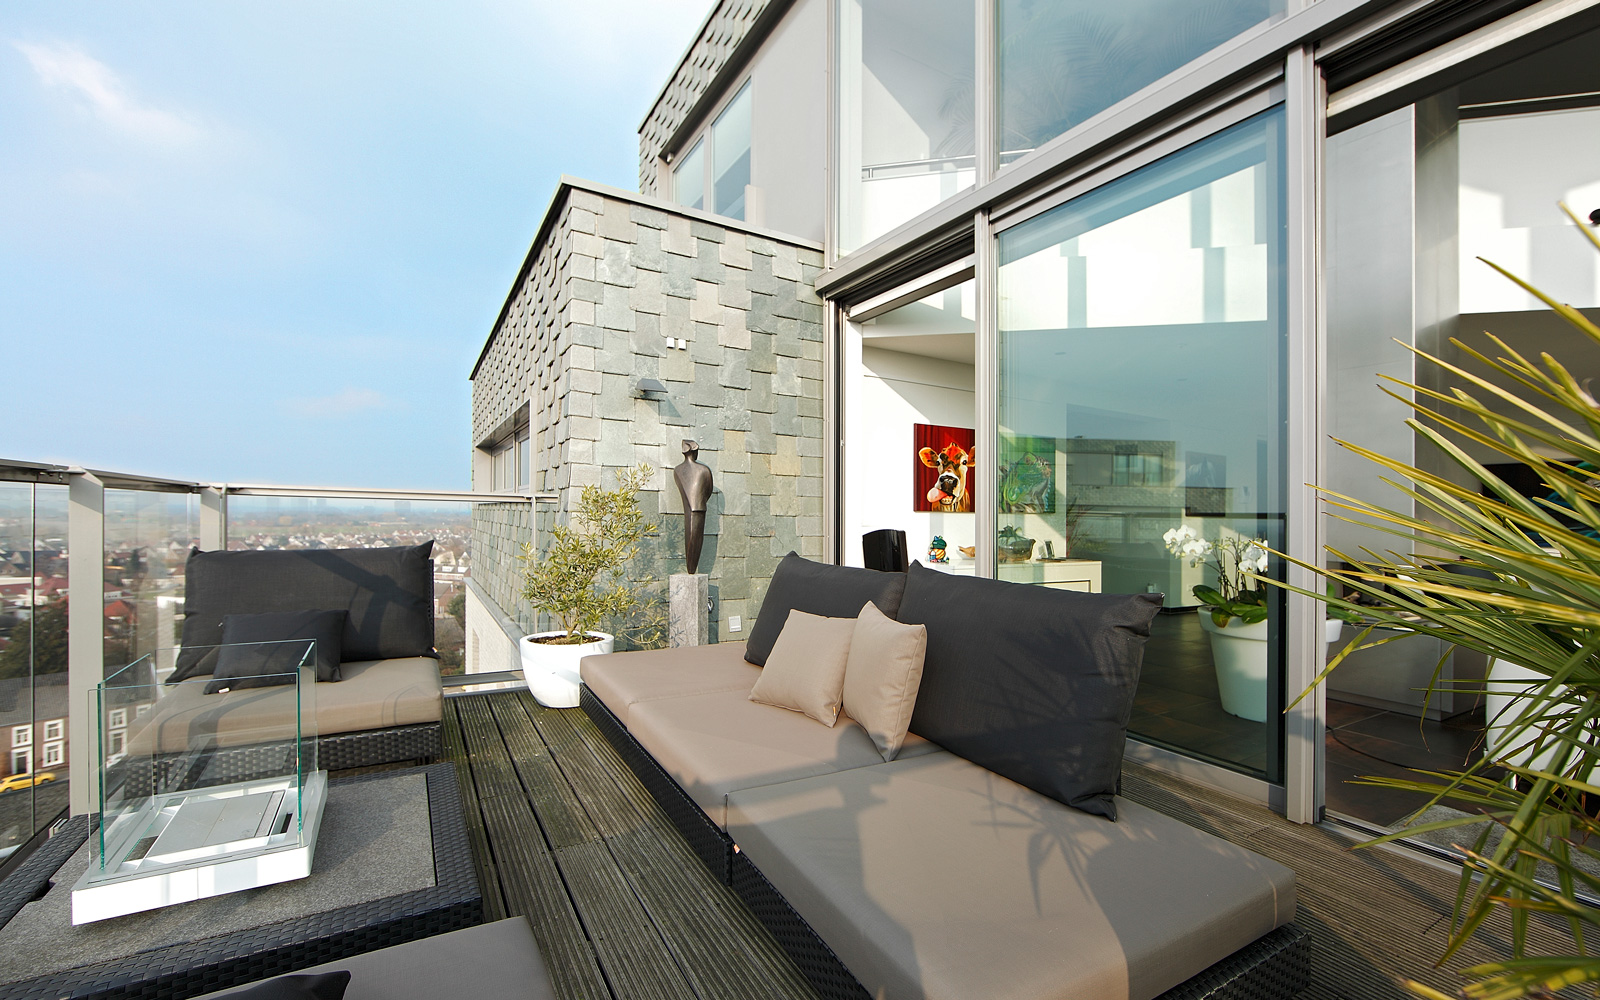 Terras, dakterras, tuinmeubelen, uitzicht, grote ramen, comfortabel, penthouse, Crepain Binst